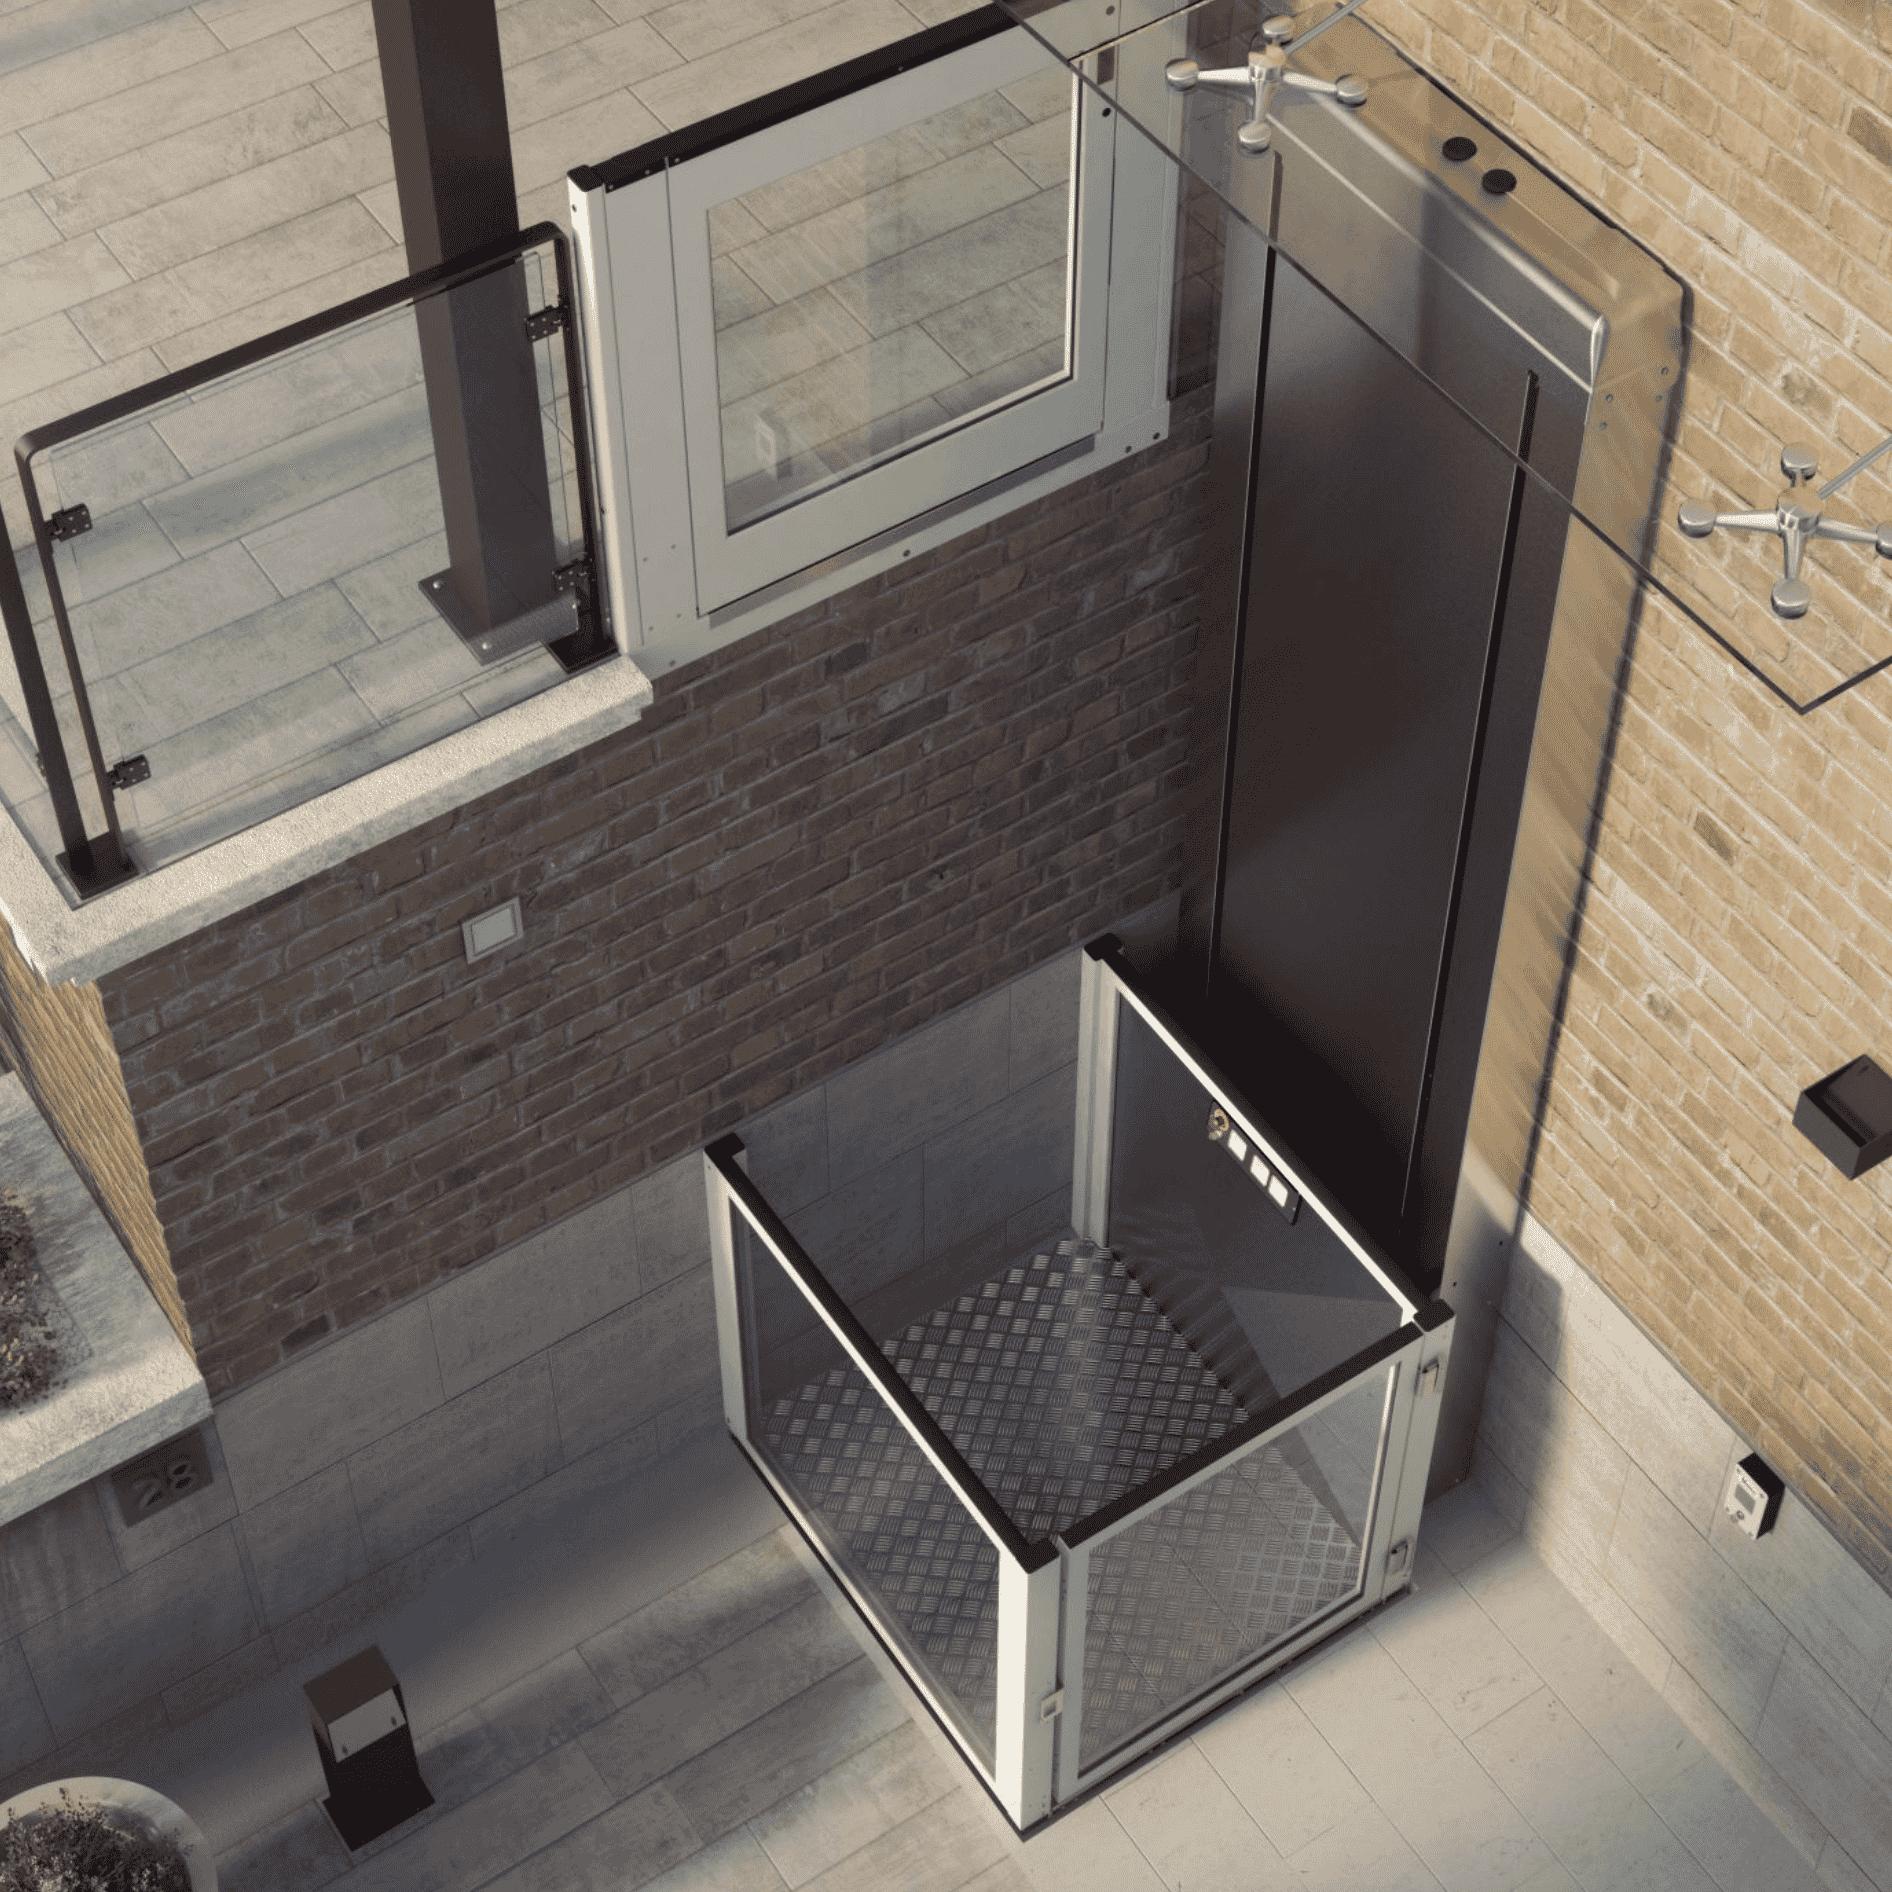 plataforma salvaescaleras elevador vertical s11 vimec